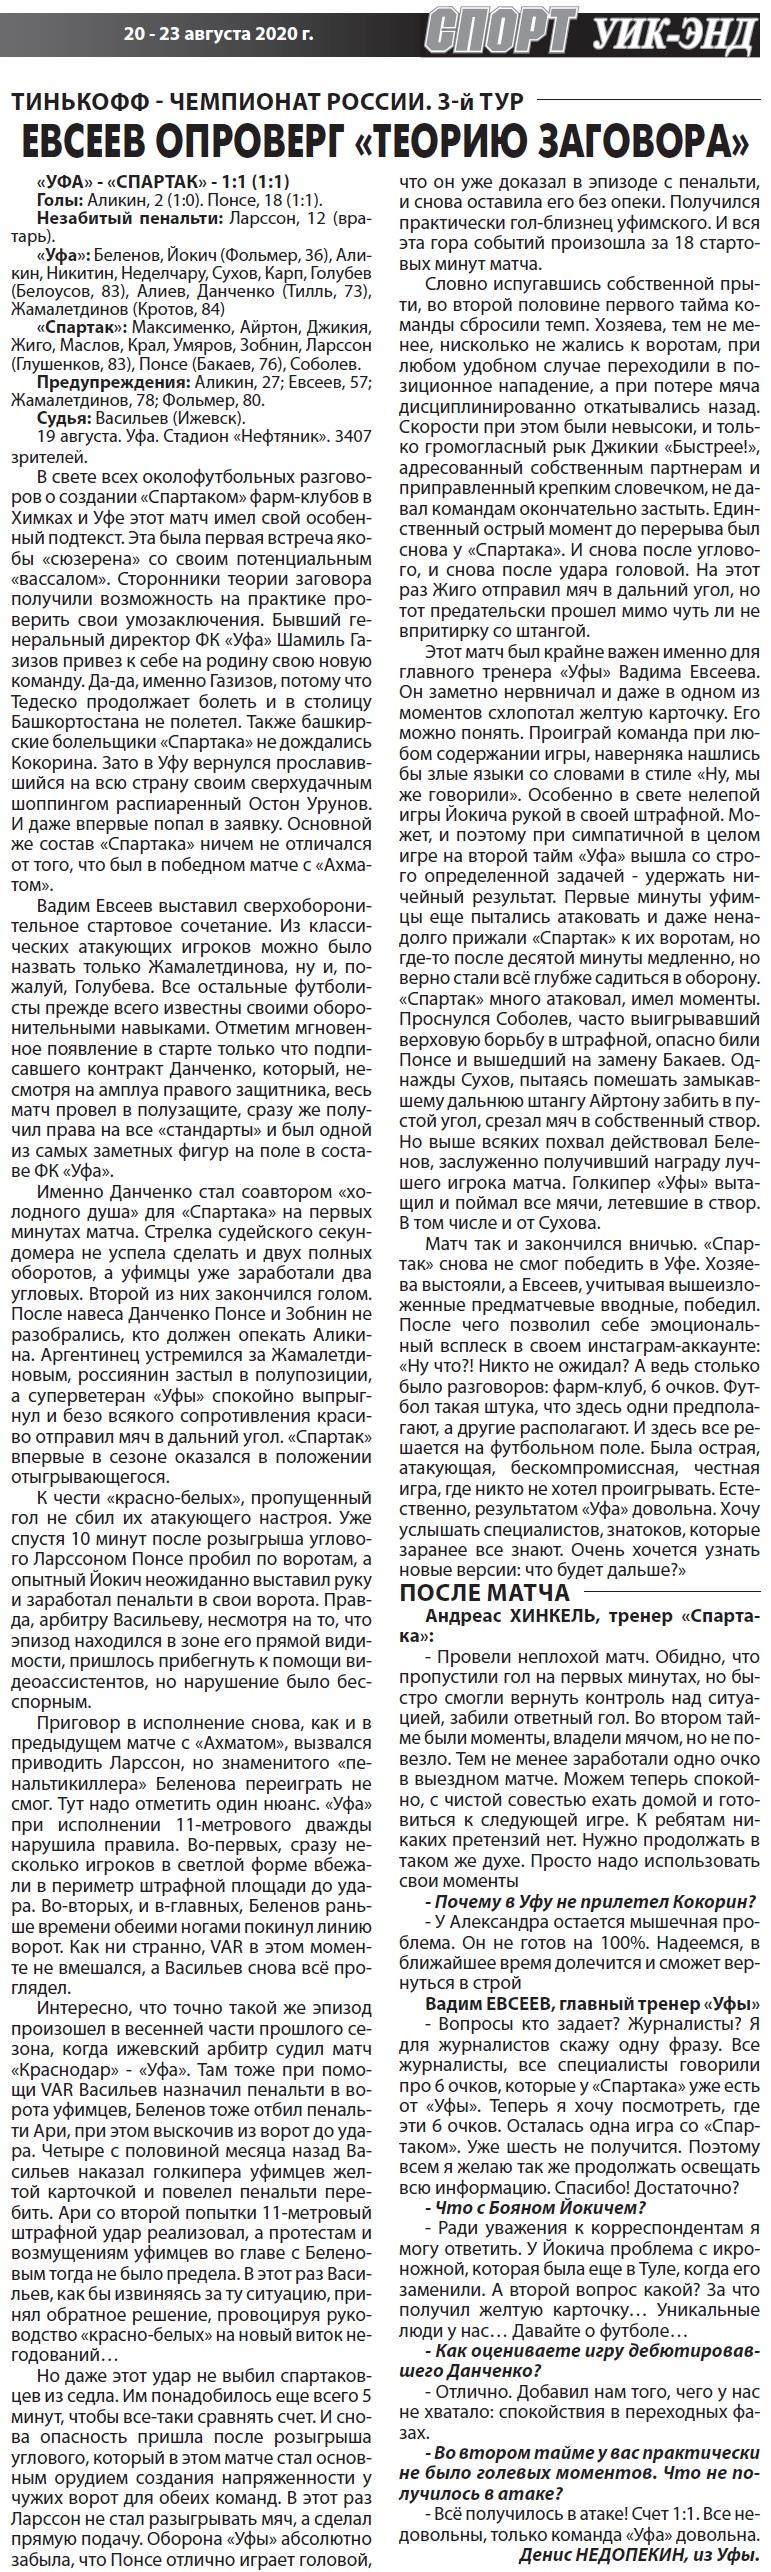 Уфа (Уфа) - Спартак (Москва) 1:1